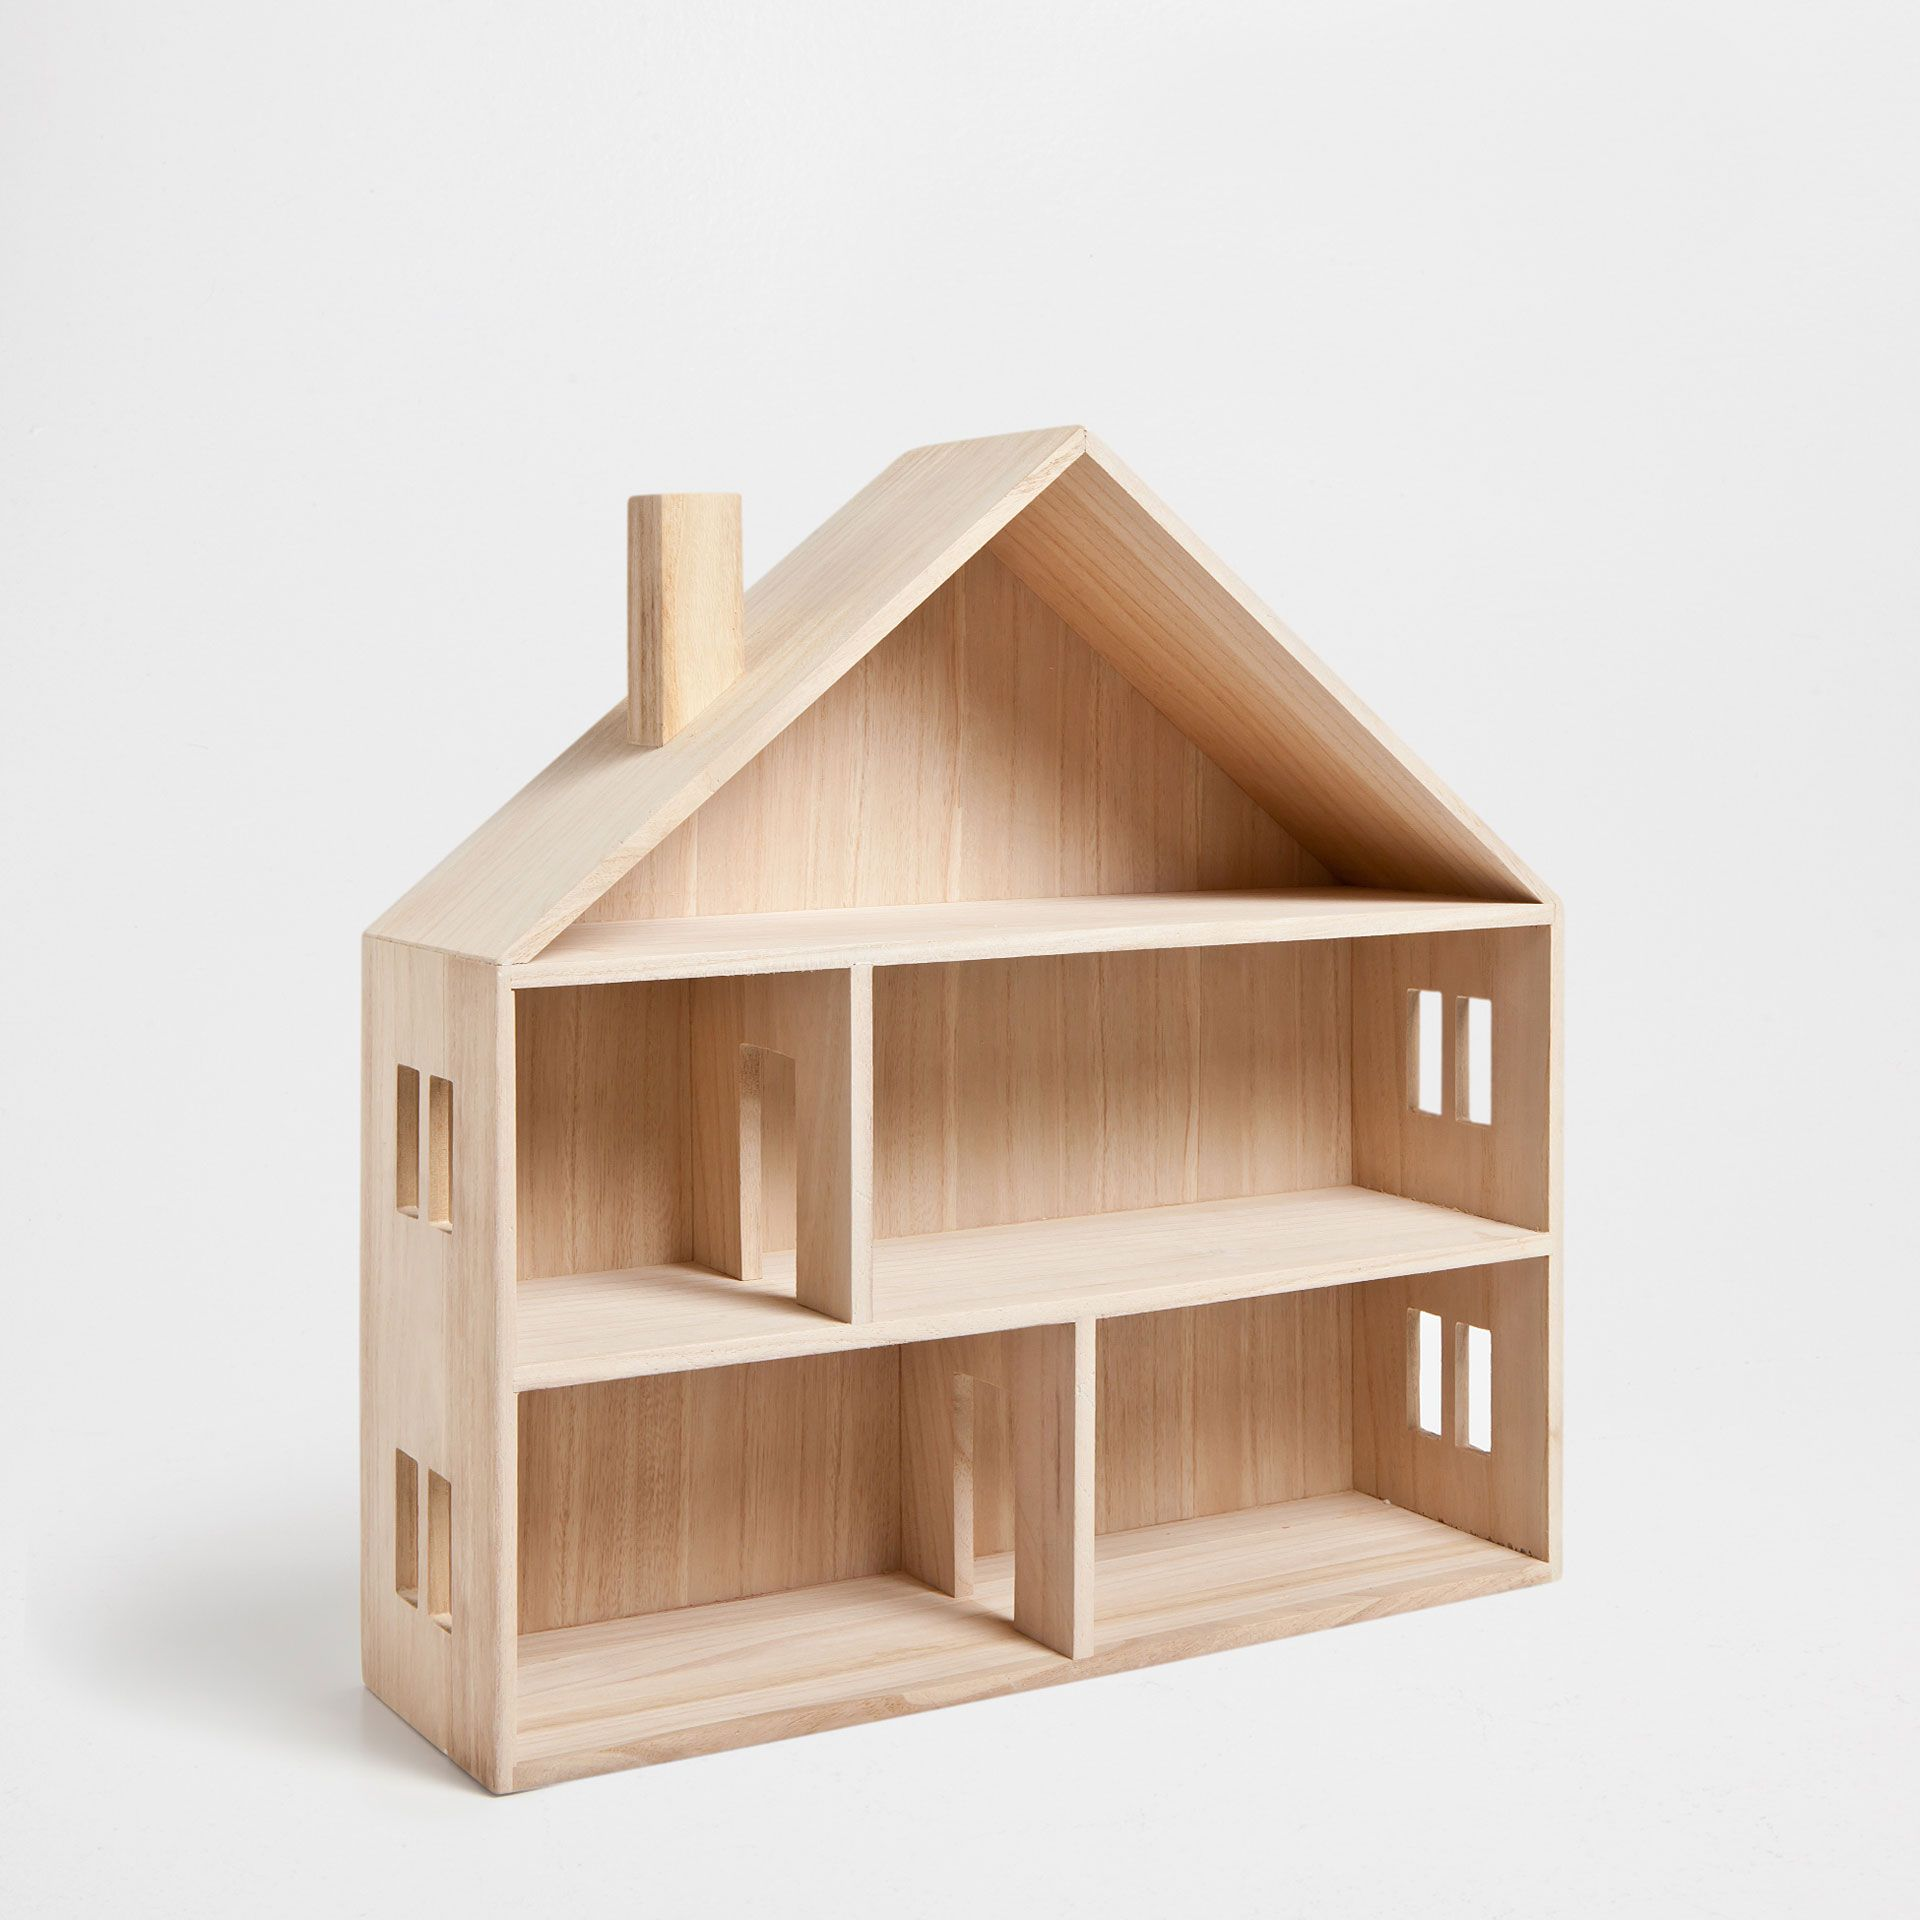 Petite Maison Tag Re Meubles Et Clairage Zara Home France  # Meubles De Maison En Bois